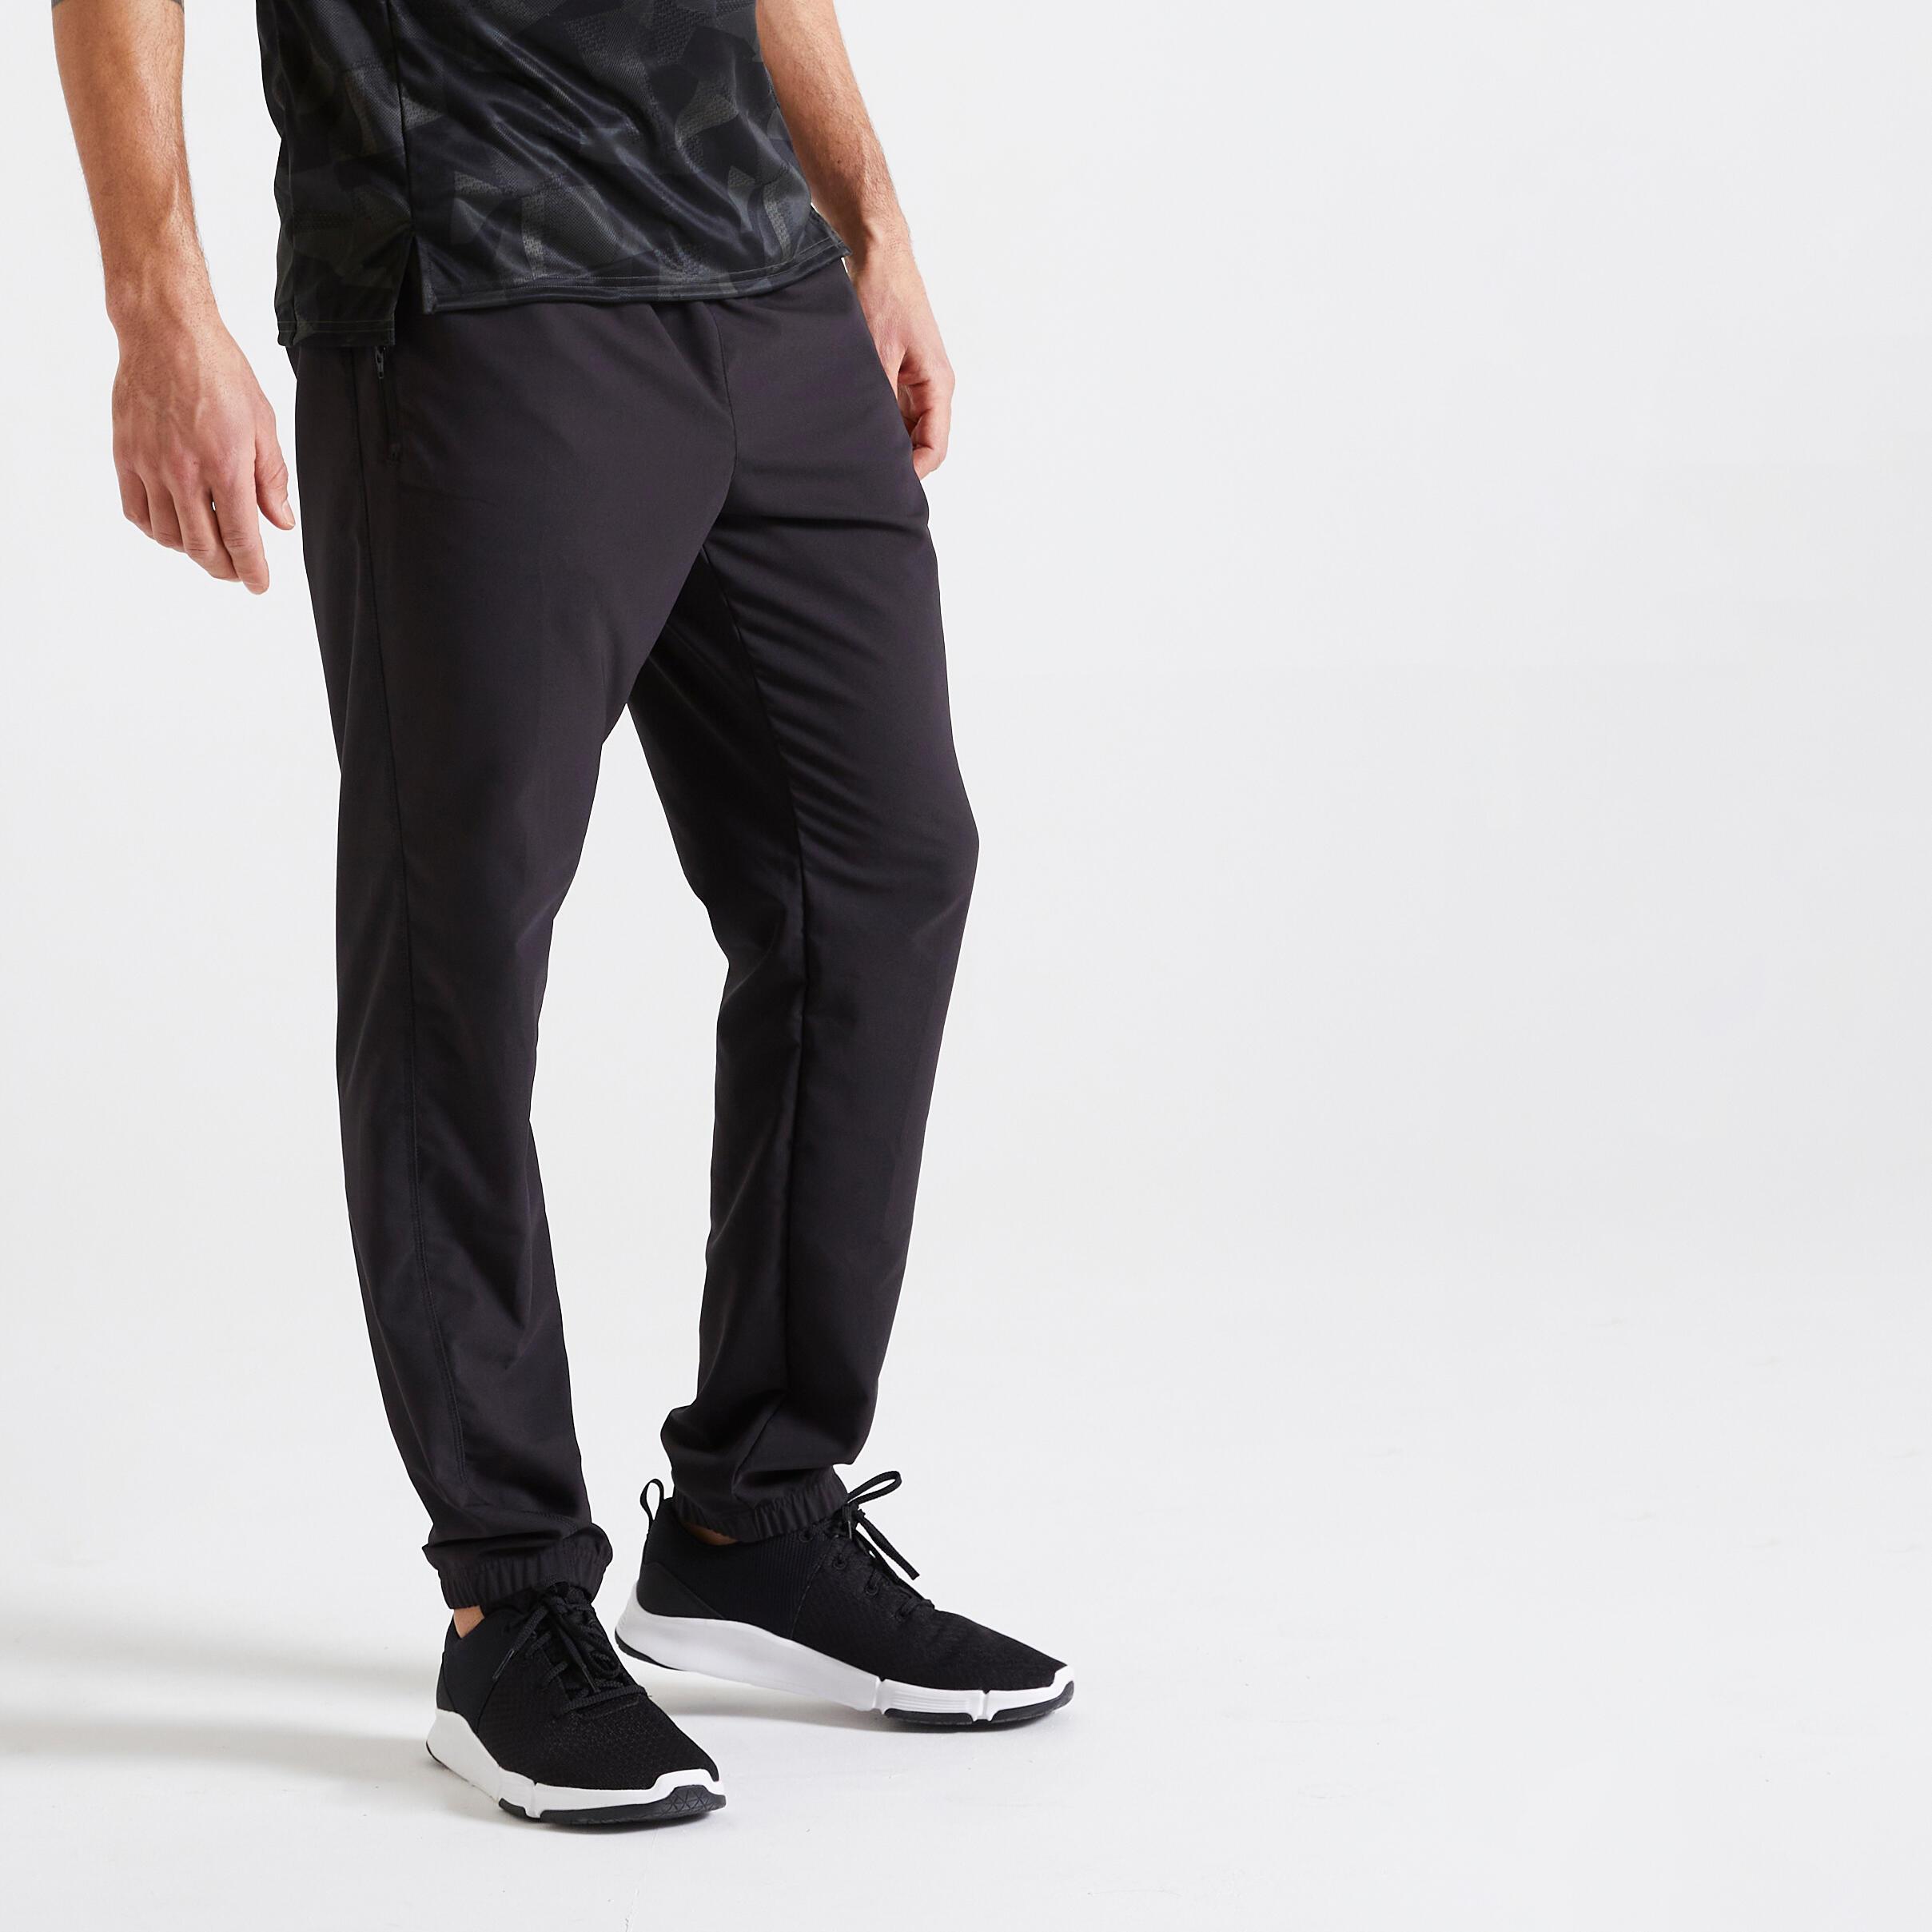 Pantalon 120 STRECH bărbați la Reducere poza